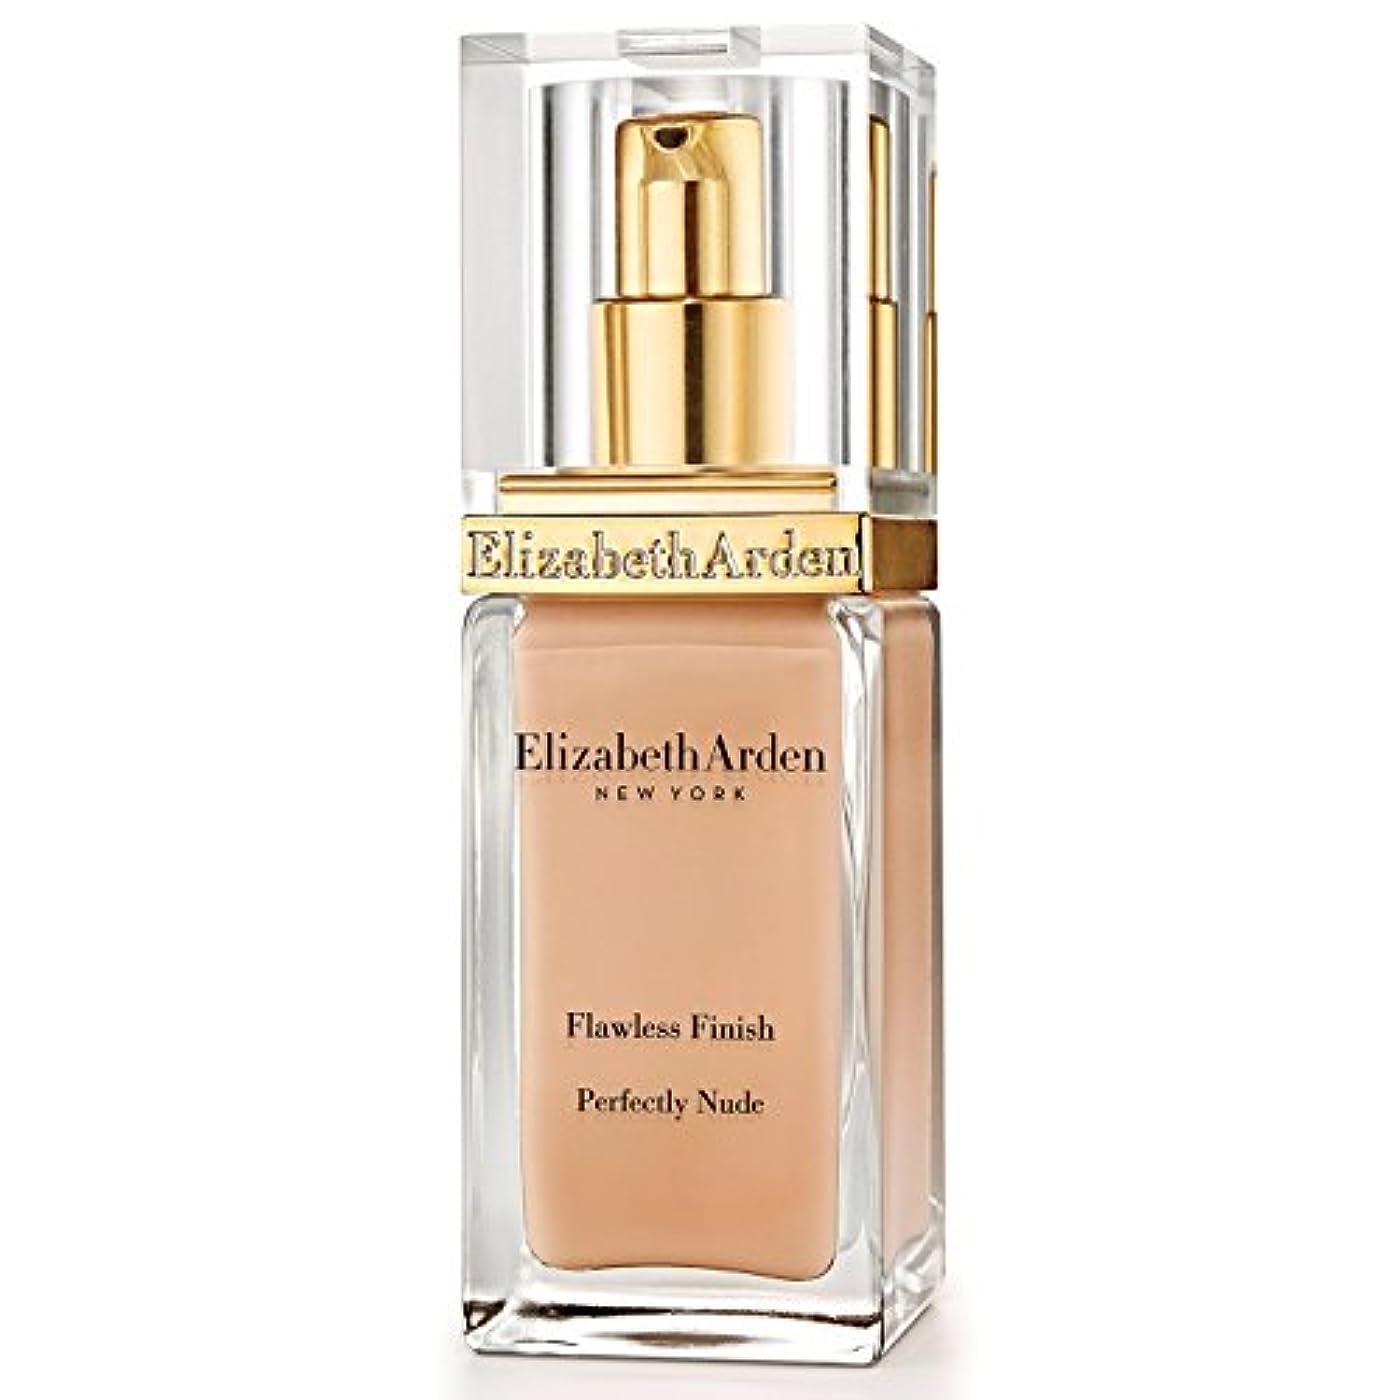 台風天井伝染病Elizabeth Arden Flawless Finish Perfectly Nude Foundation SPF 15 Warm Mahogany (Pack of 6) - エリザベスは、完璧な仕上がり完璧ヌードファンデーション 15暖かいマホガニーをアーデン x6 [並行輸入品]